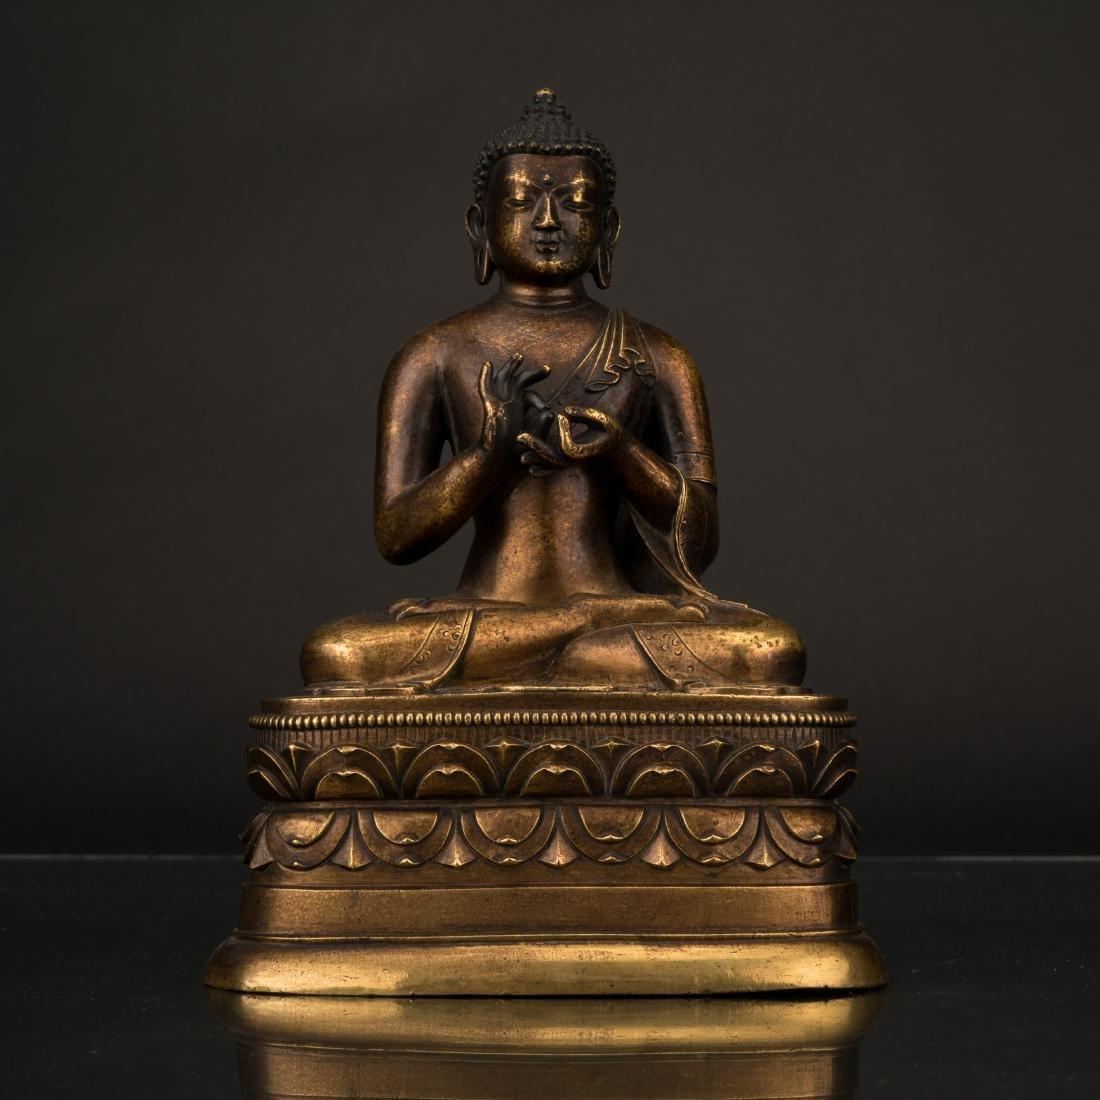 QING GILT BRONZE BUDDHA VAIROCHANA